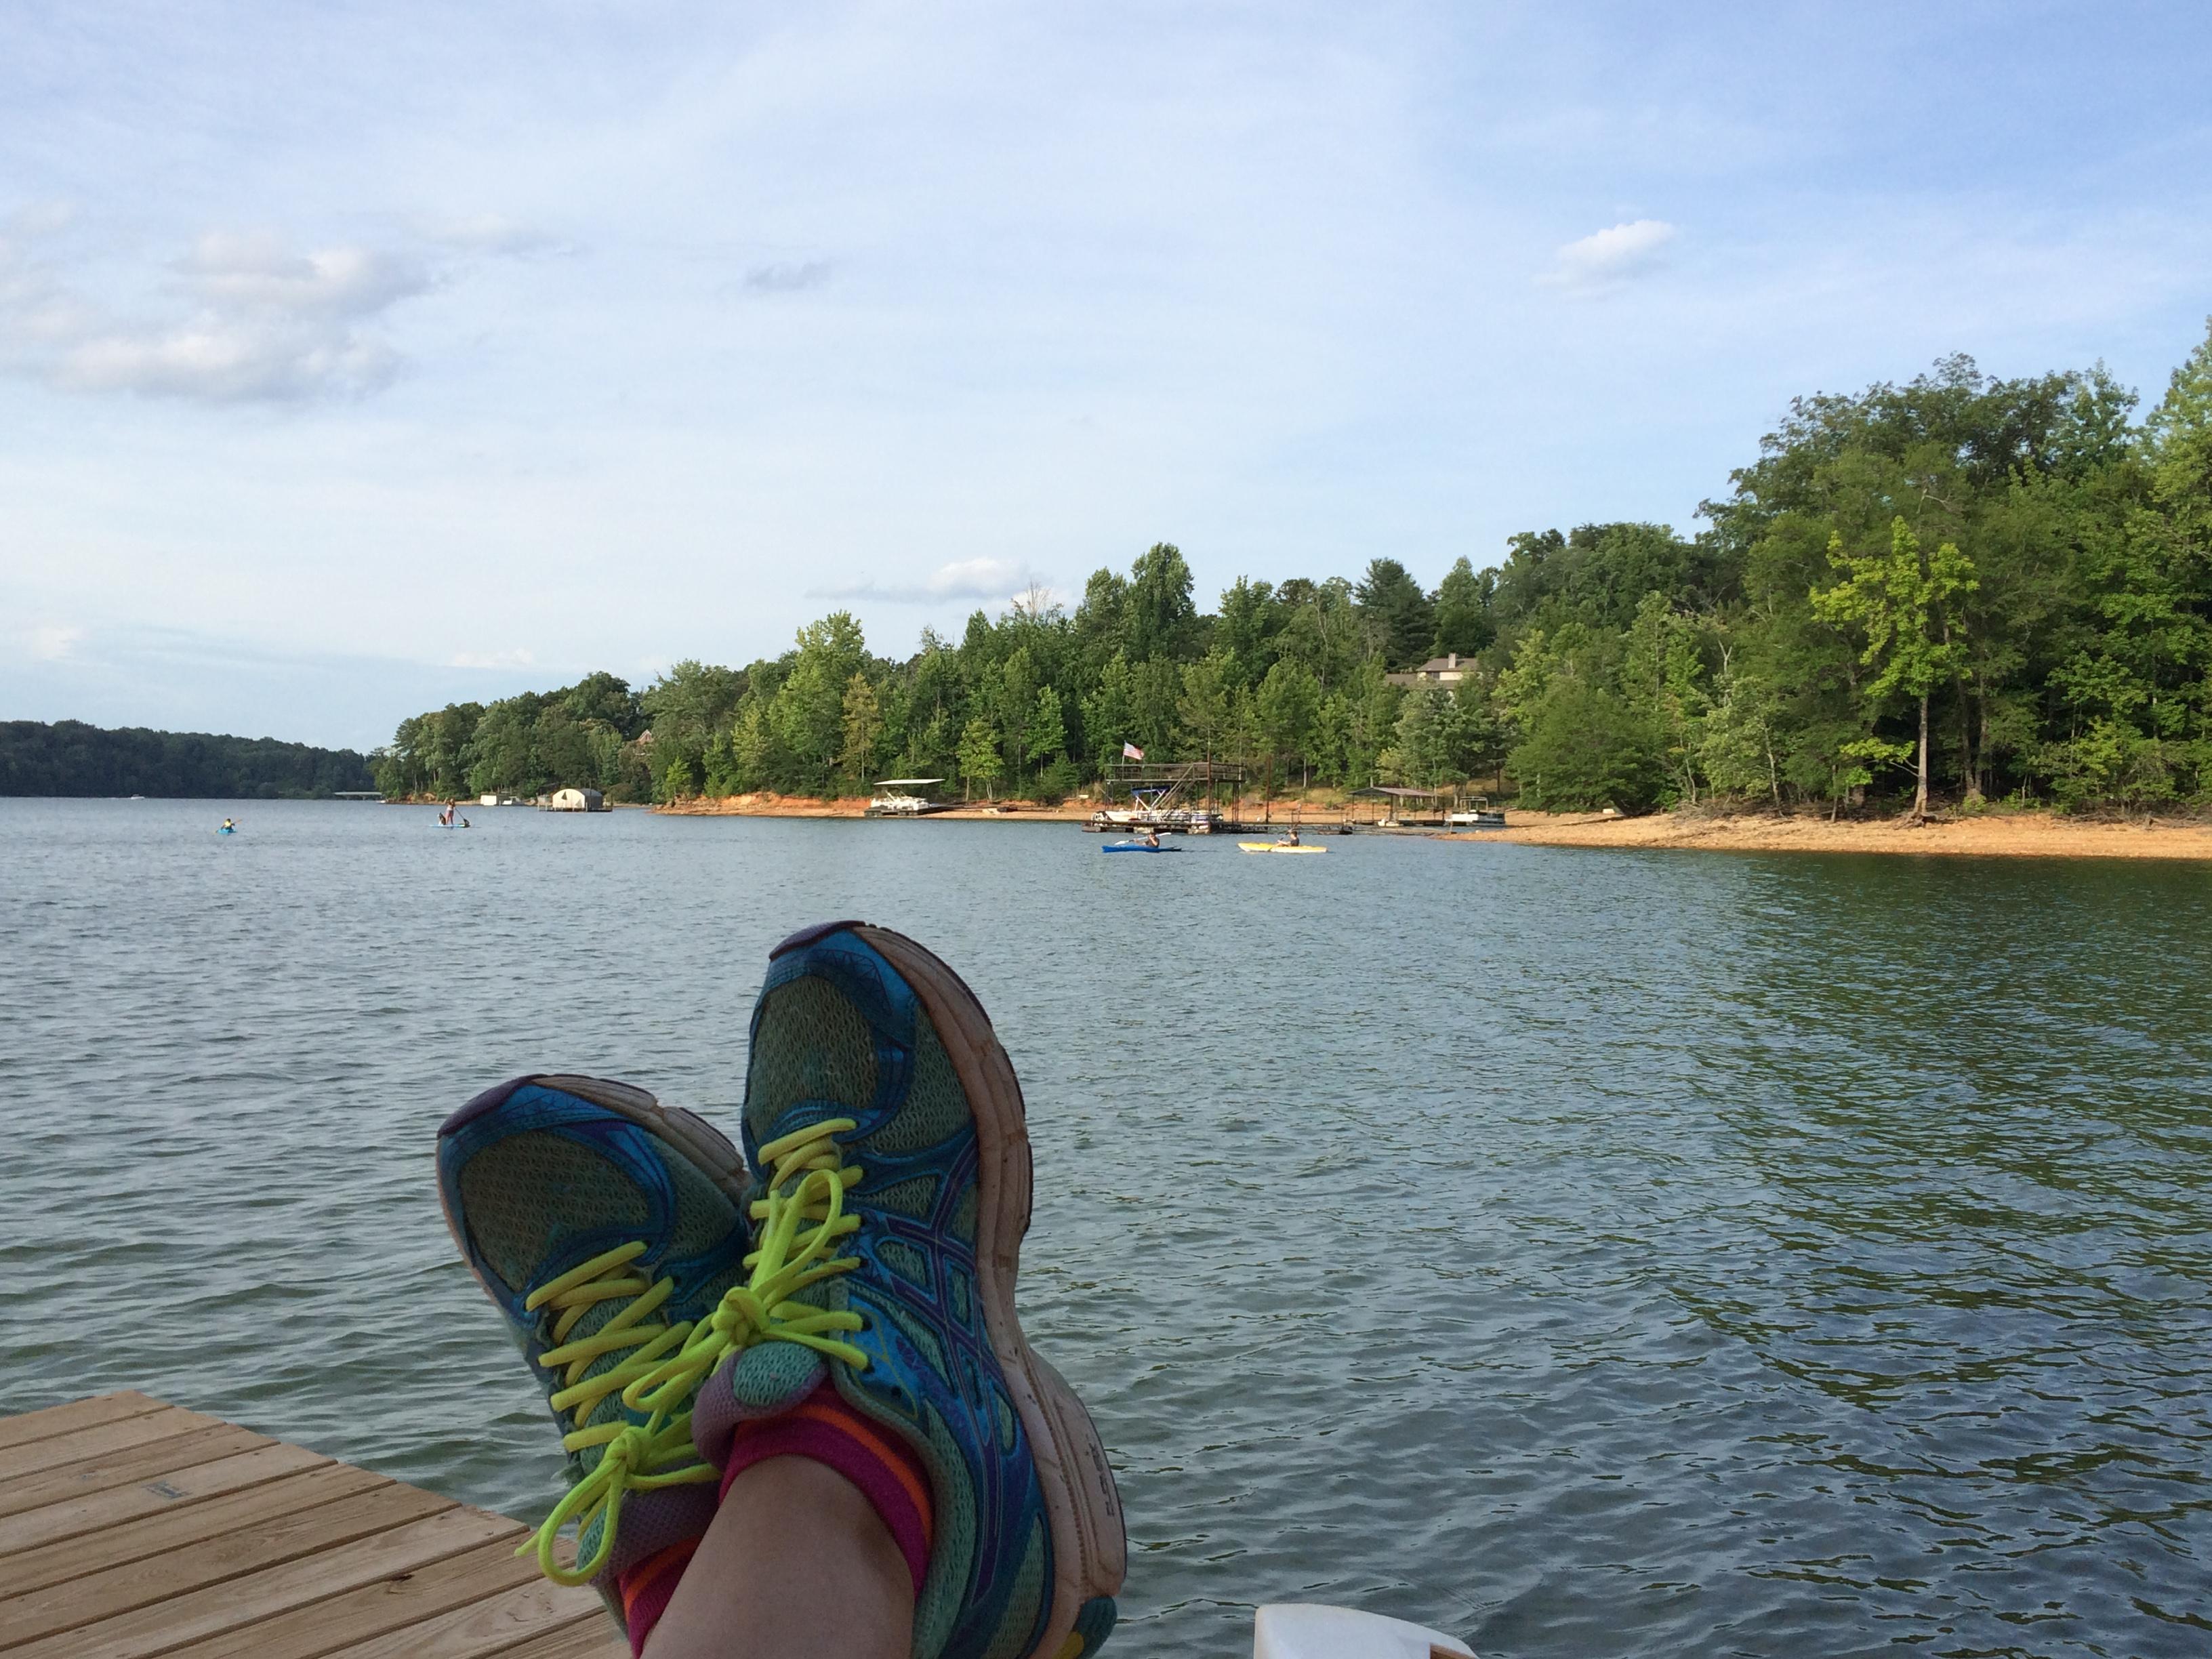 Toes at the dock Lake Lanier 2016